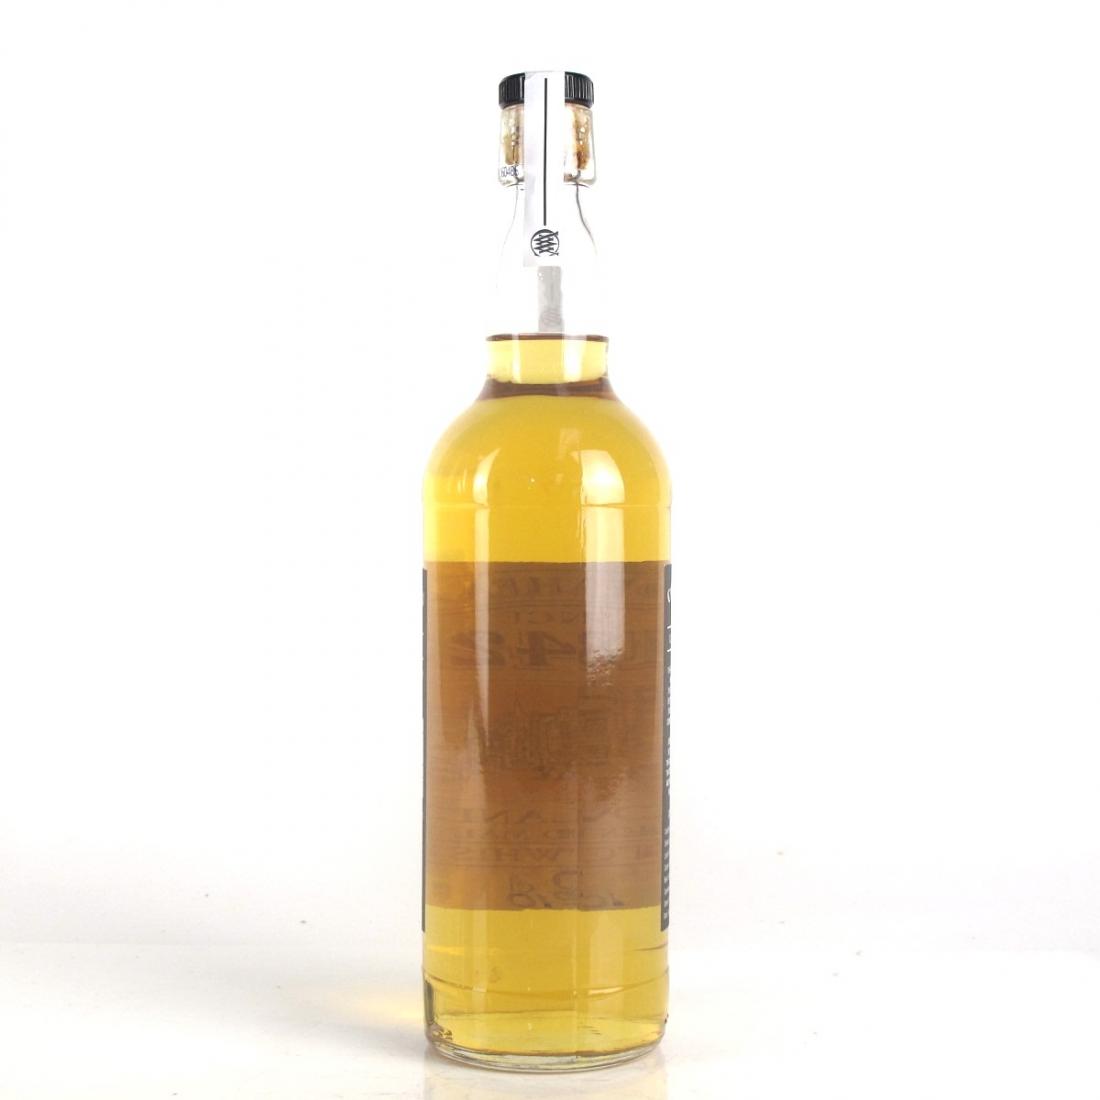 Cadenhead's Lowland Blended Malt / Only 10 Bottles